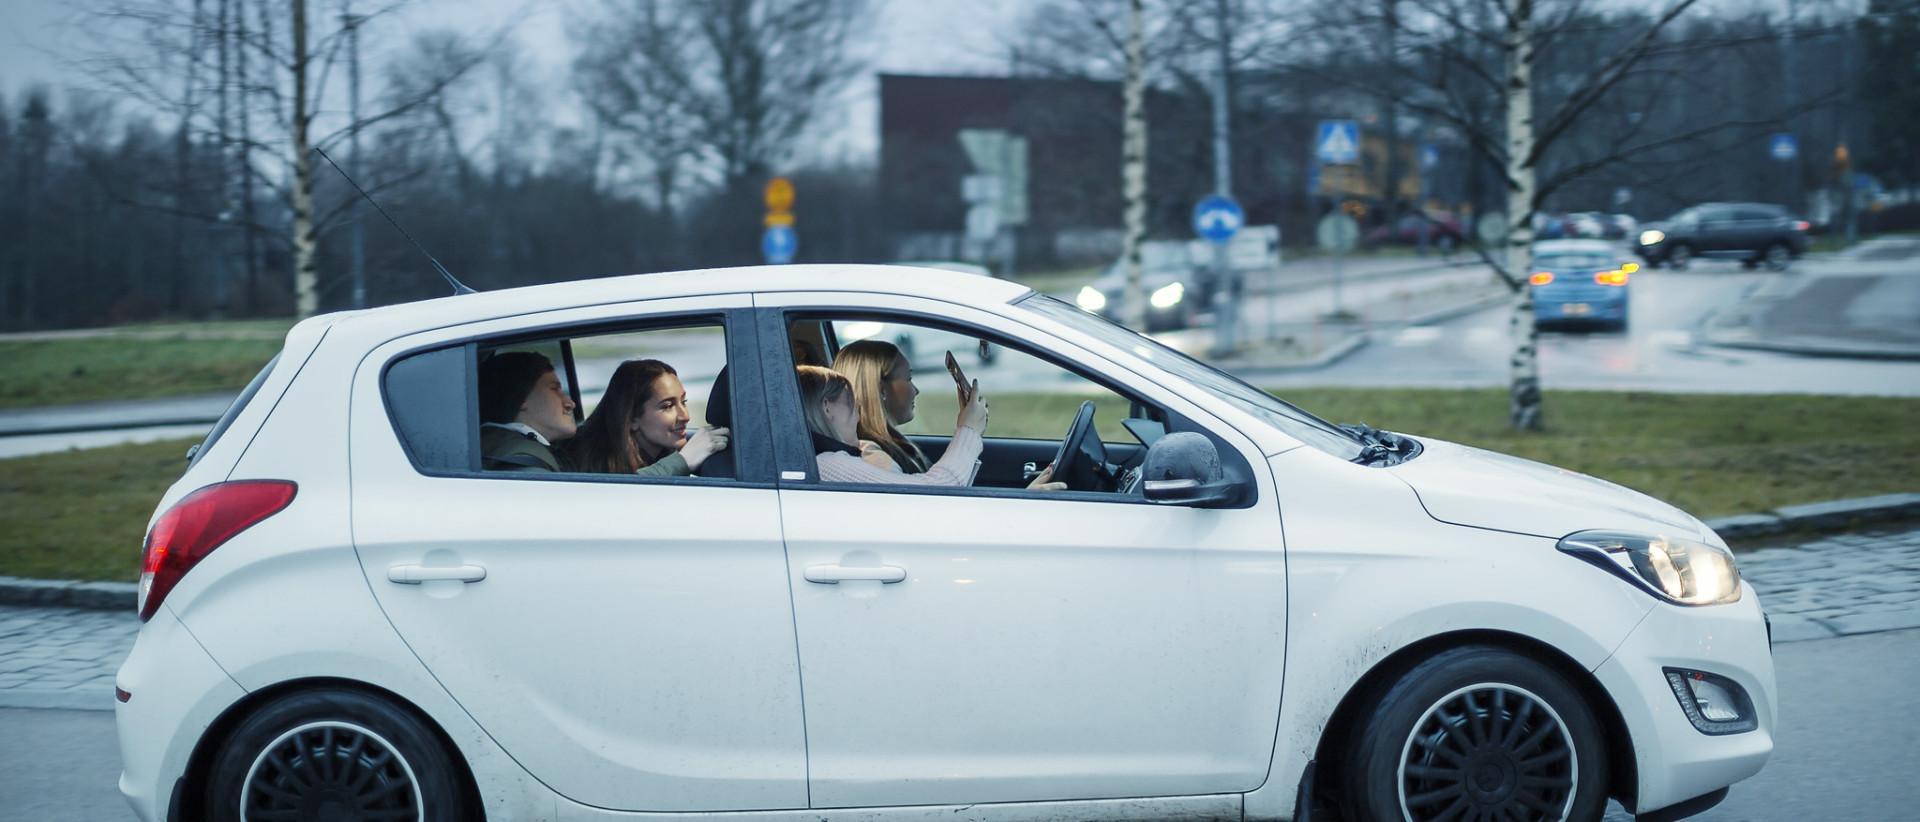 Nuoria henkilöautossa.